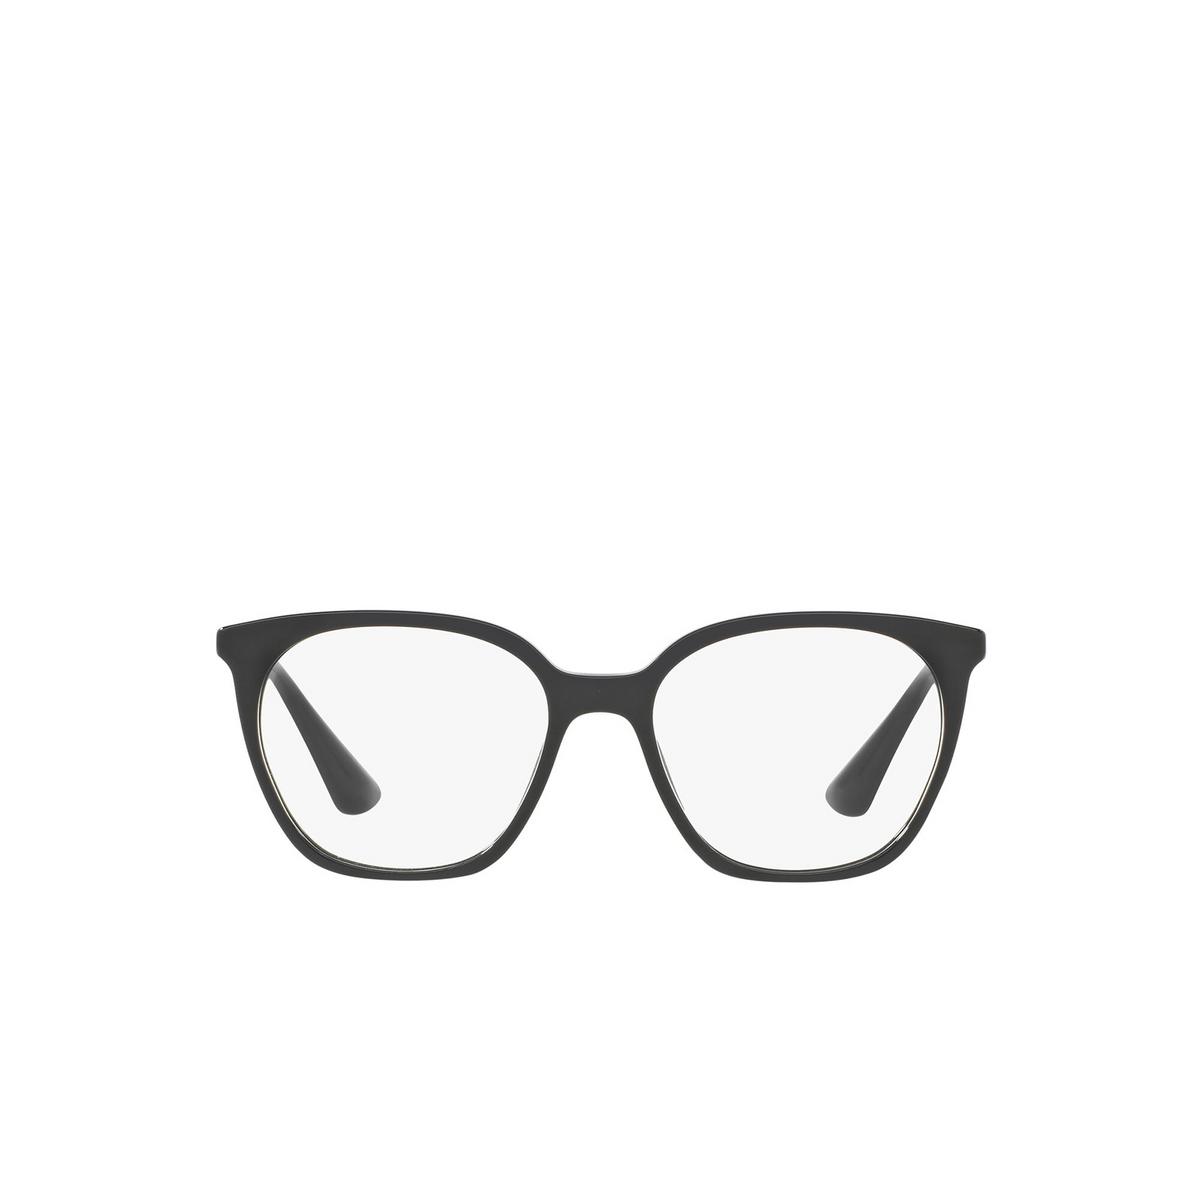 Prada® Square Eyeglasses: PR 11TV color Black 1AB1O1 - front view.